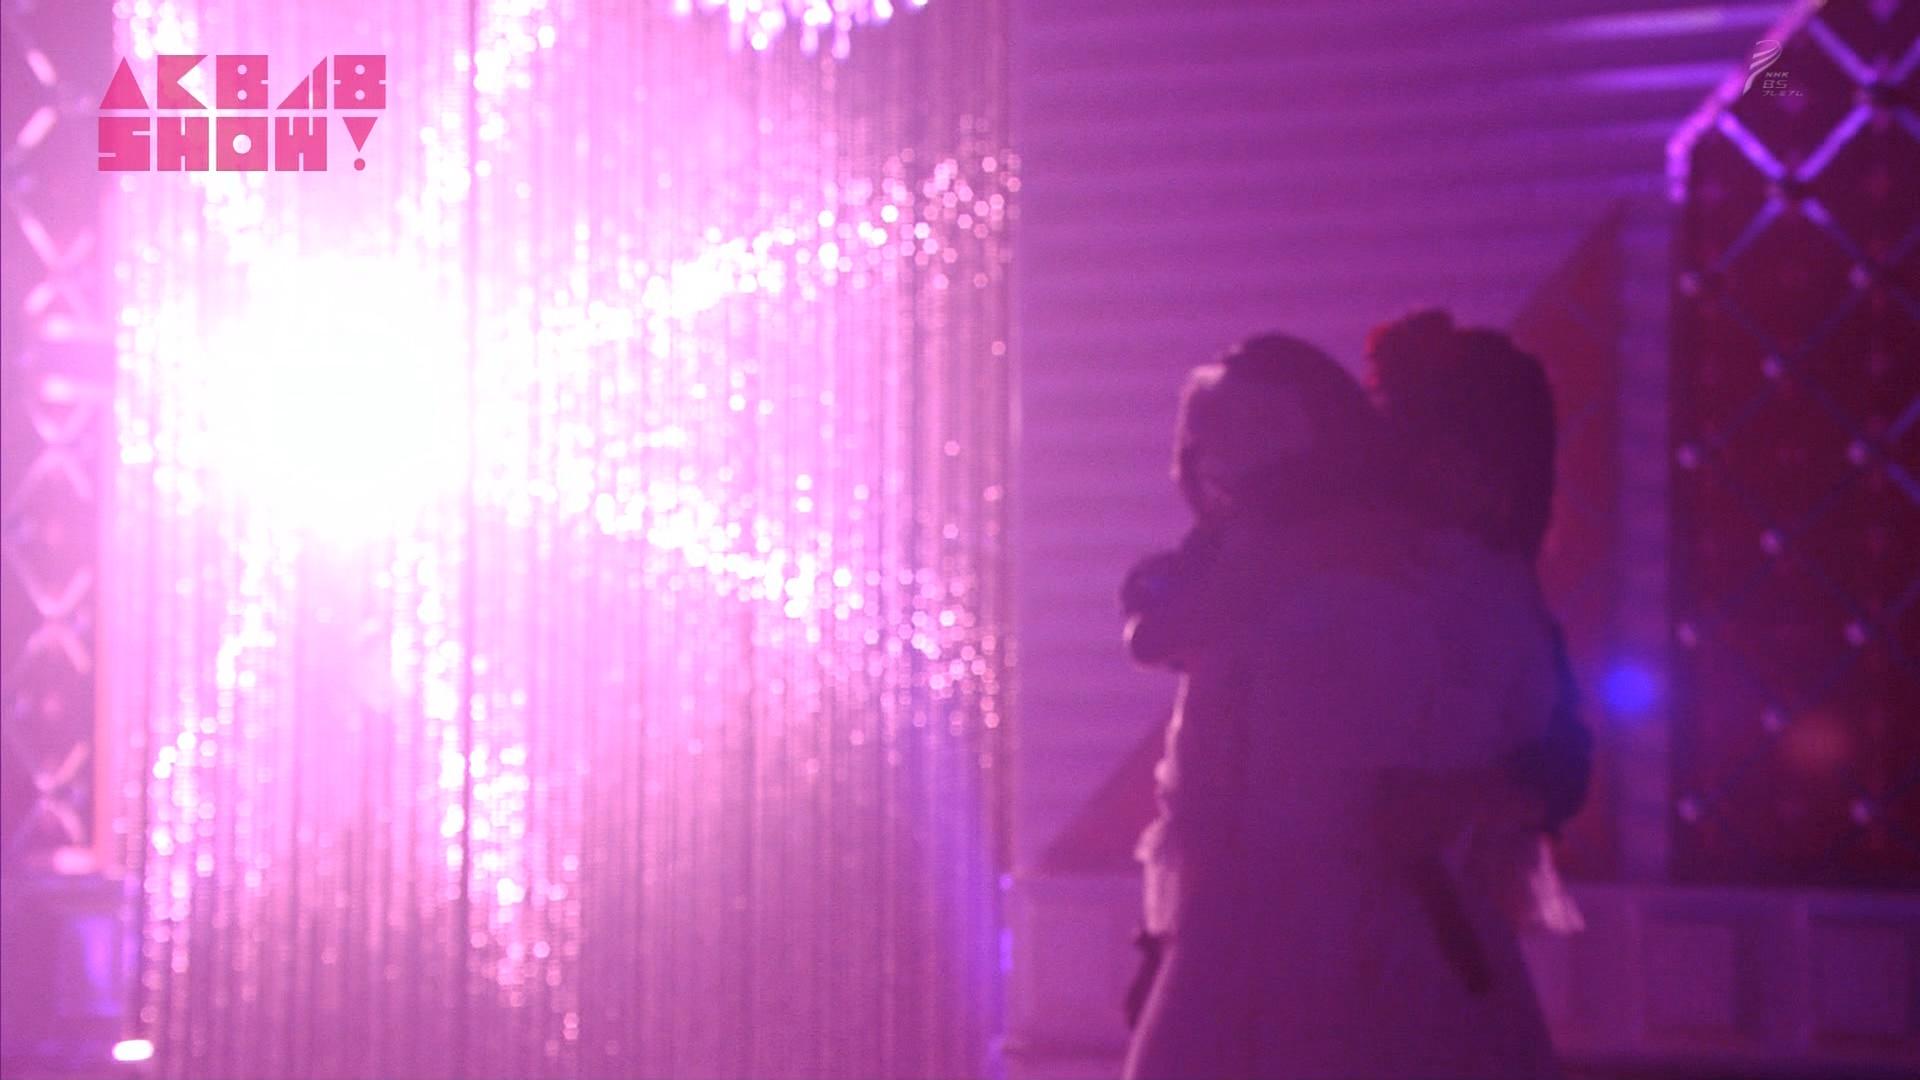 【ダンス】SKEだったくーさんこと矢神久美ちゃん(の幸せを祈りつつSKEメンバーをなでるスレ)☆263【にゃはっぴー】 YouTube動画>14本 ->画像>1616枚